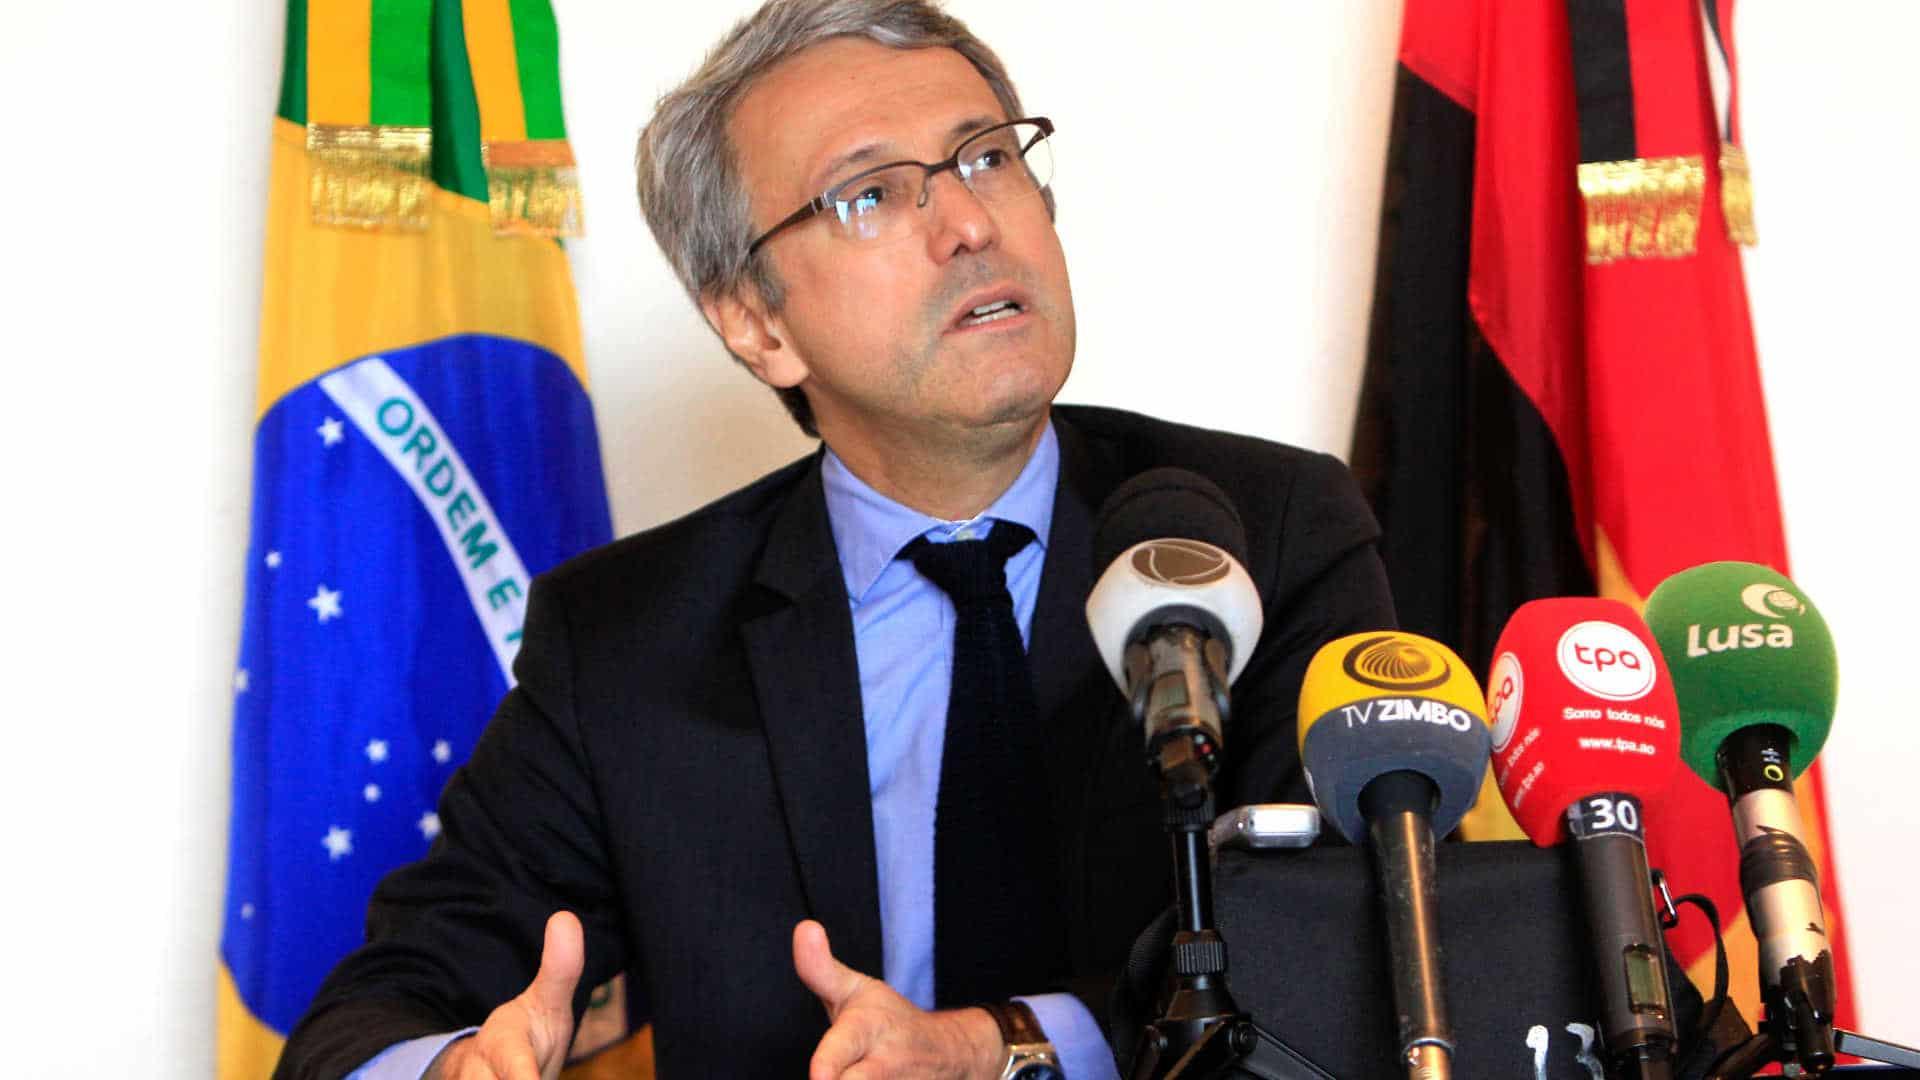 """- Embaixador Brasil em Angola - """"Políticas para África vão continuar"""", diz embaixador do Brasil em Angola"""